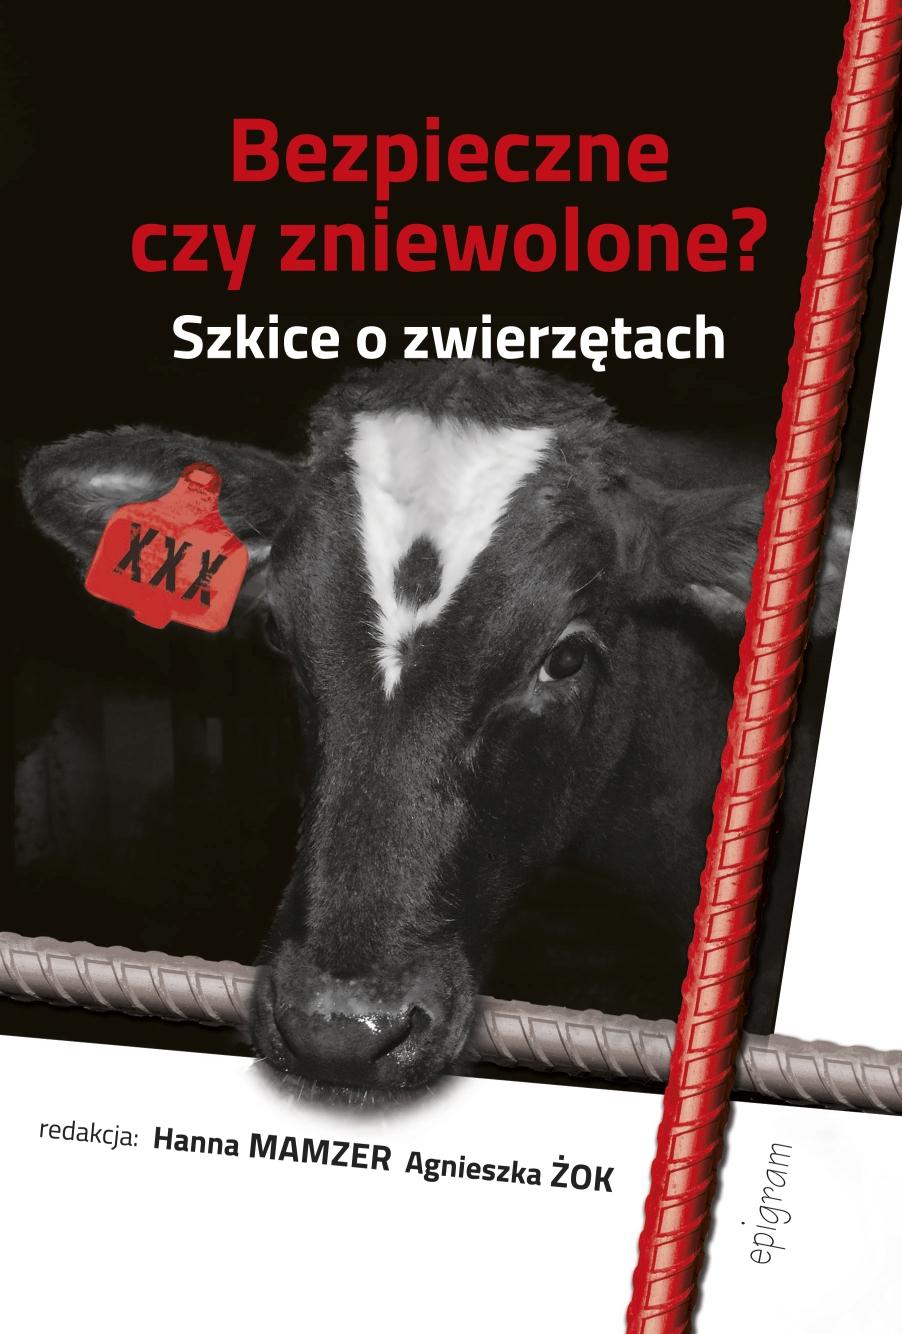 Bezpieczne czy zniewolone? Szkice o zwierzętach / Hanna Mamzer, Agnieszka Żok (red.) okładka